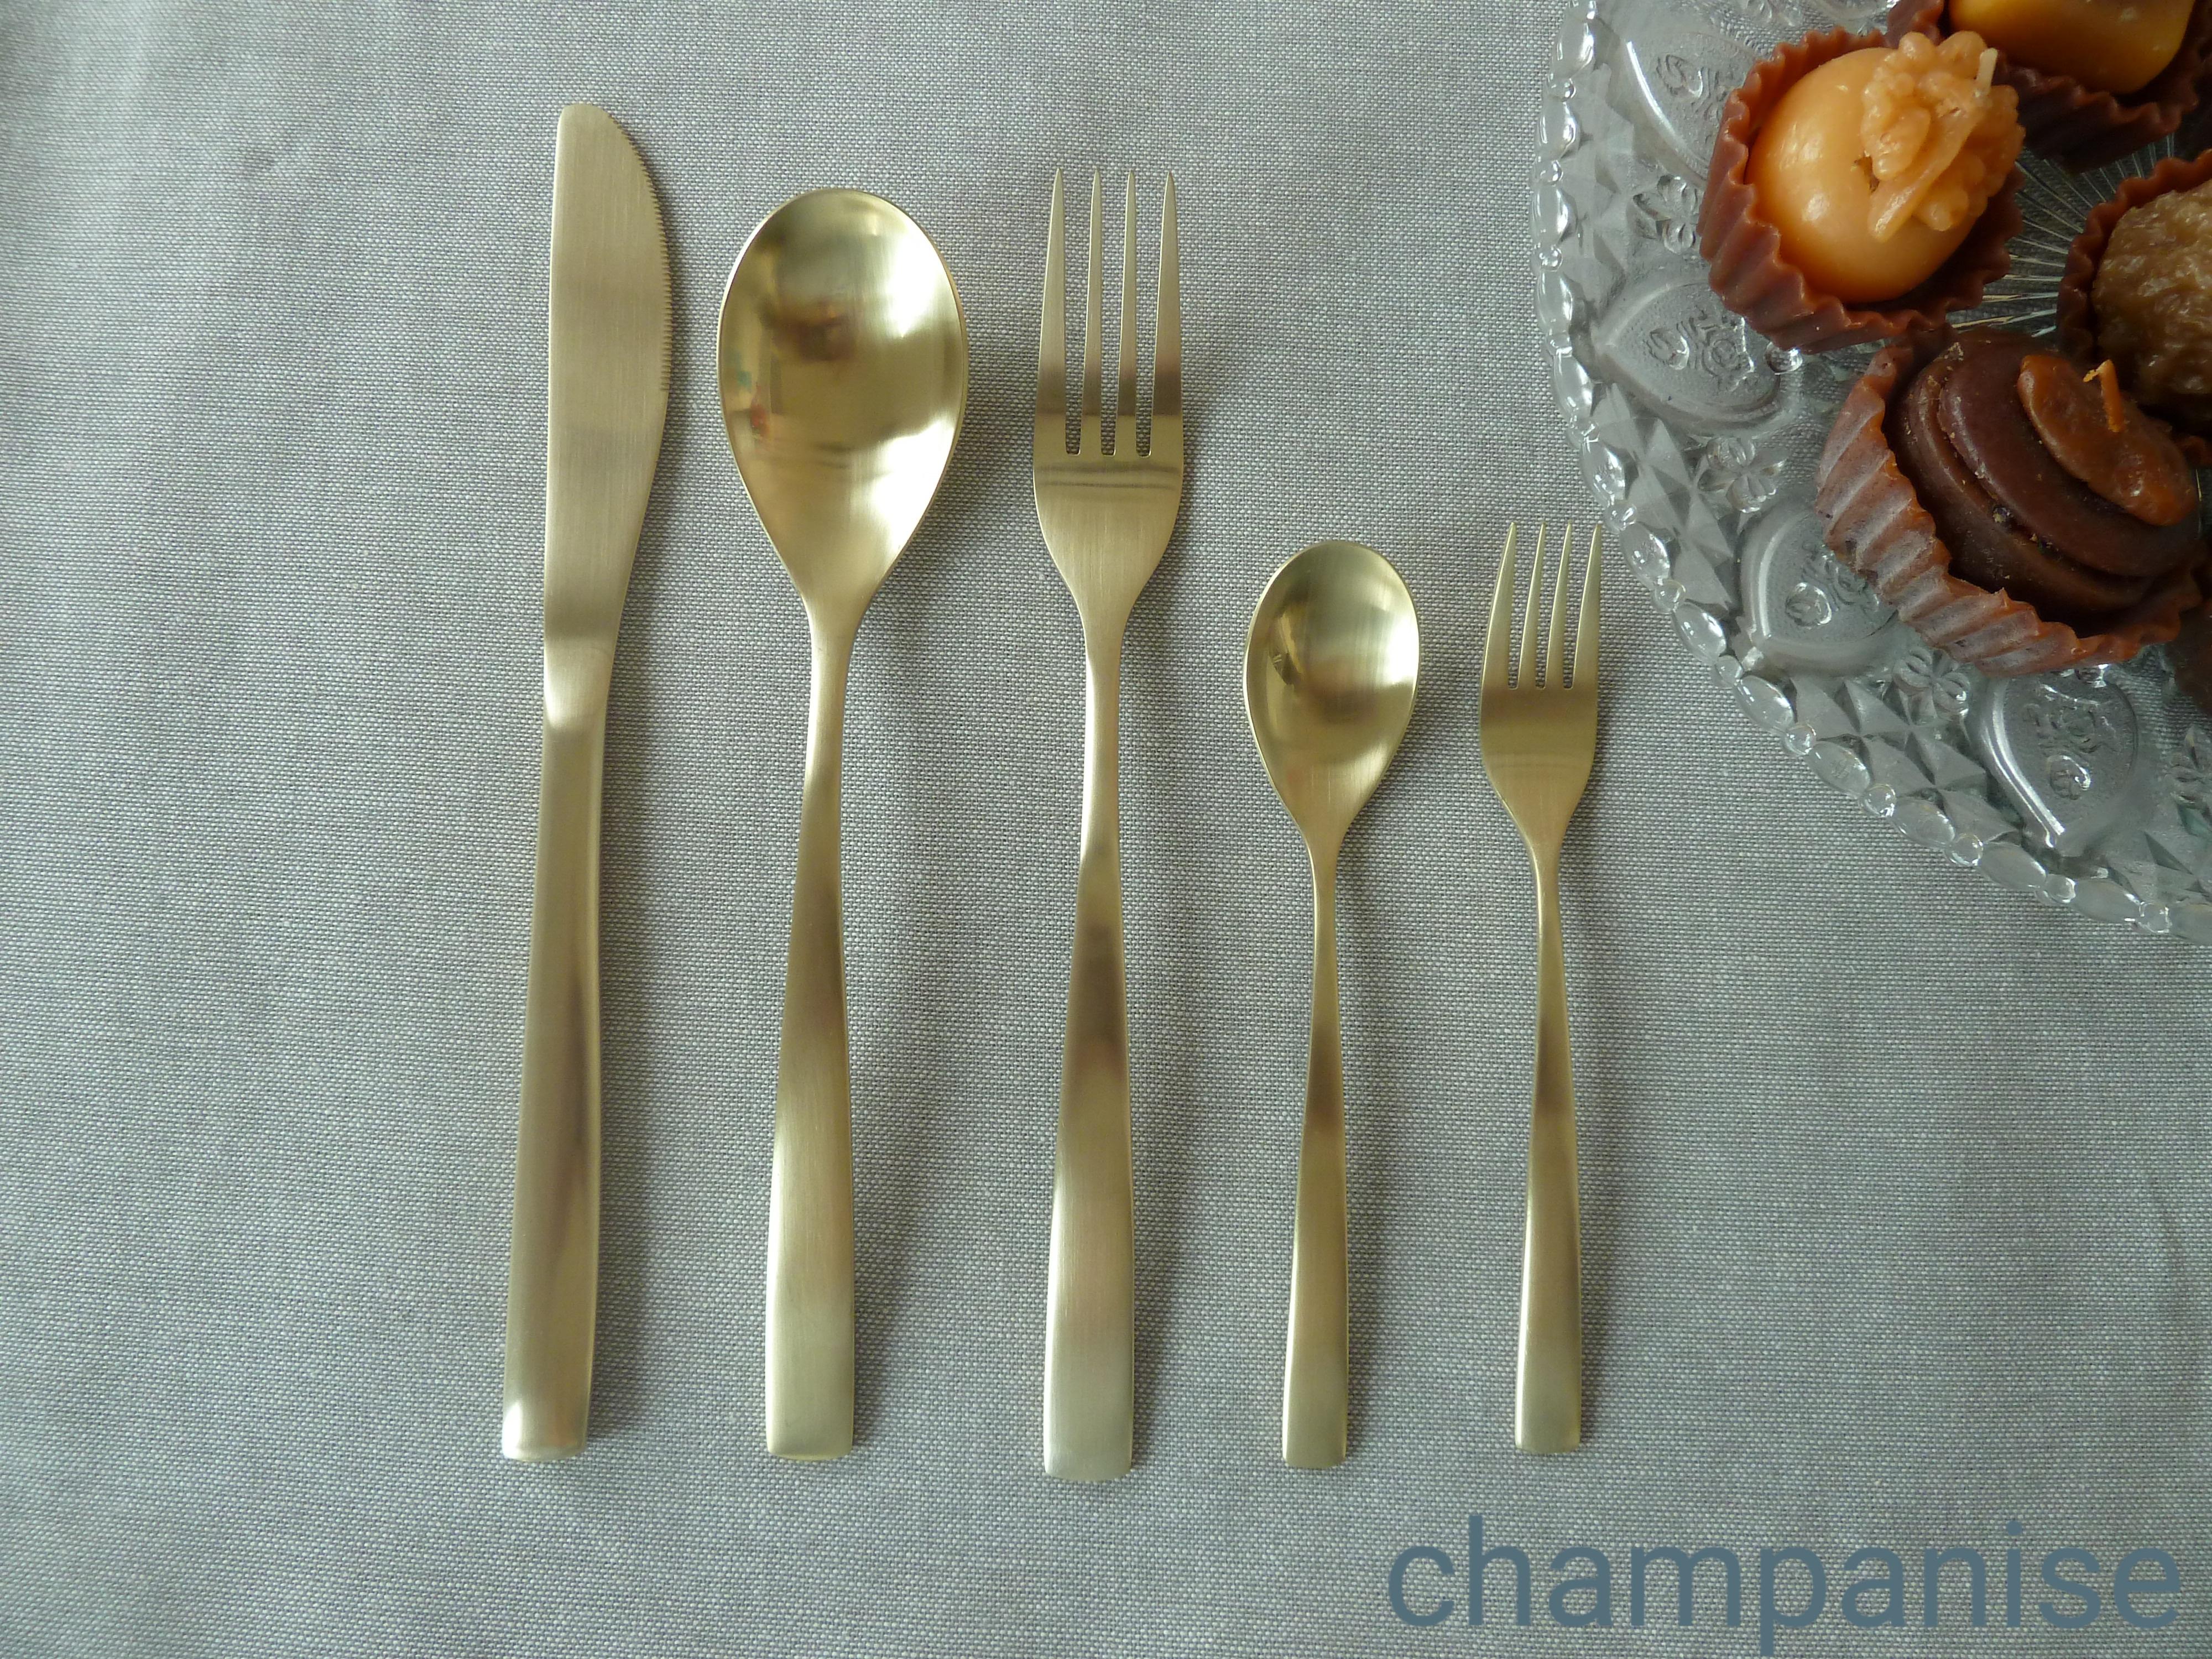 Σετ Μαχαιροπήρουνα 24τμχ Ανοξείδωτα Comas Barcelona Champanise – Comas – 6-barcelona-champanise-24